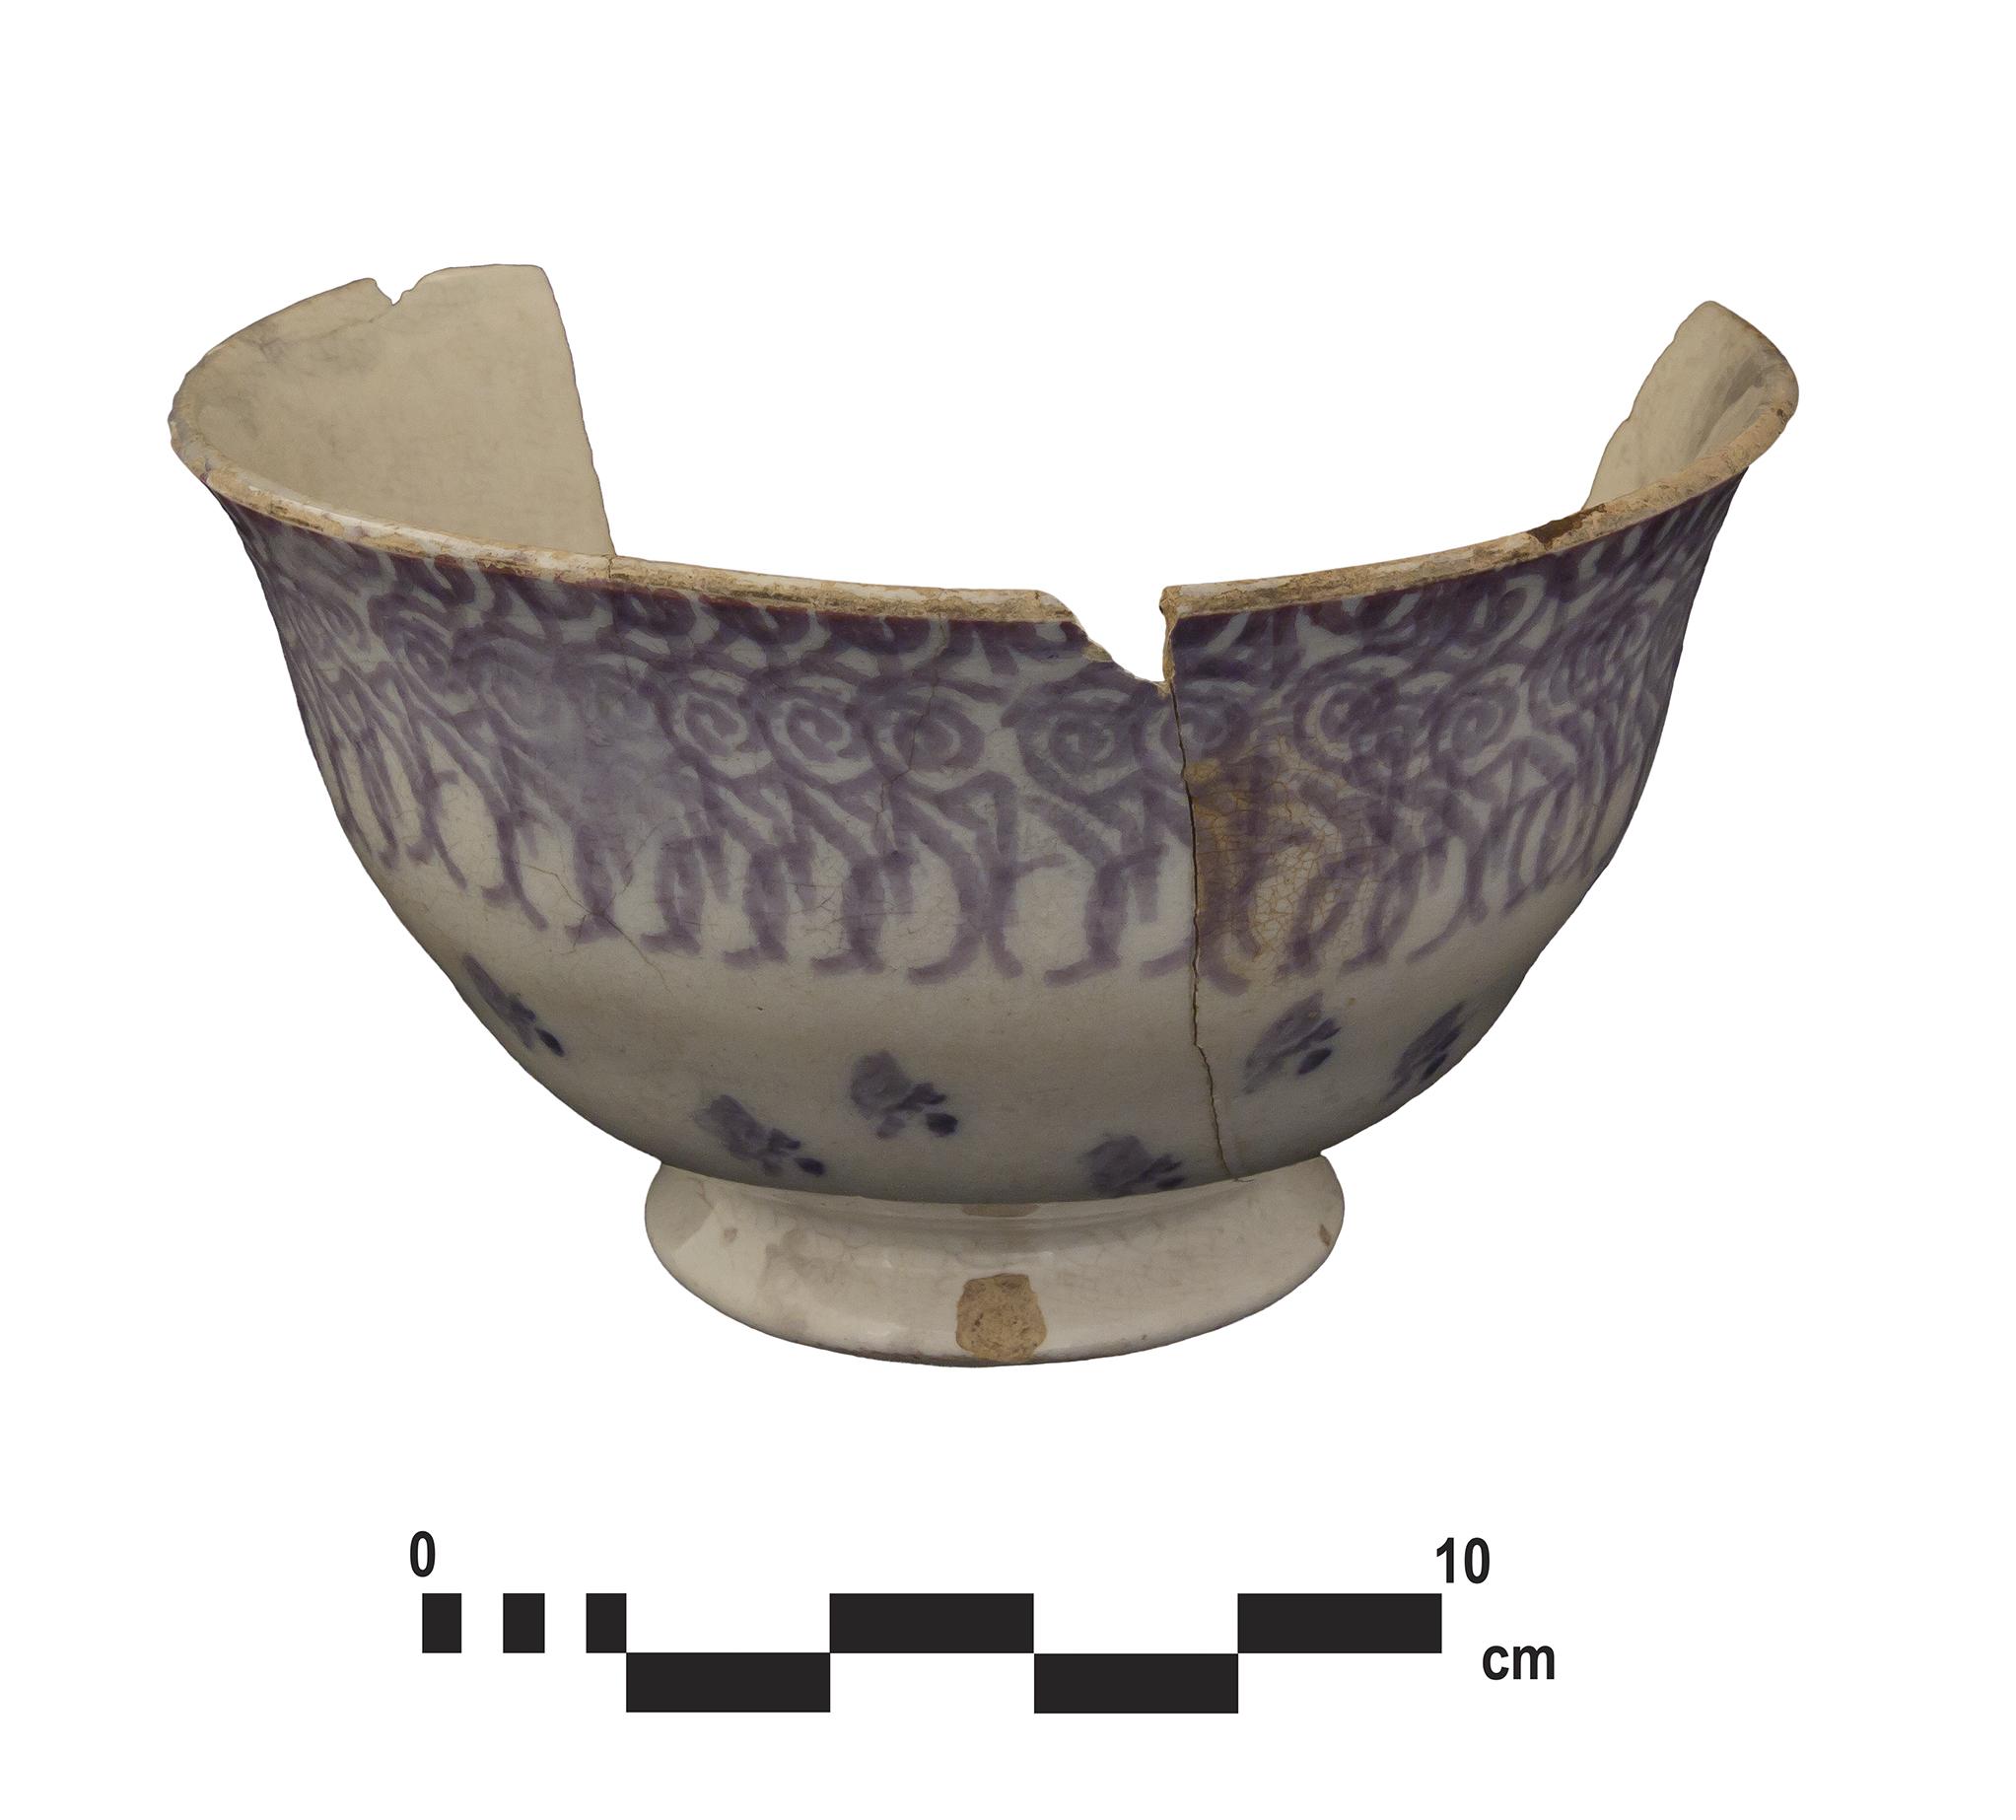 Stamped teacup